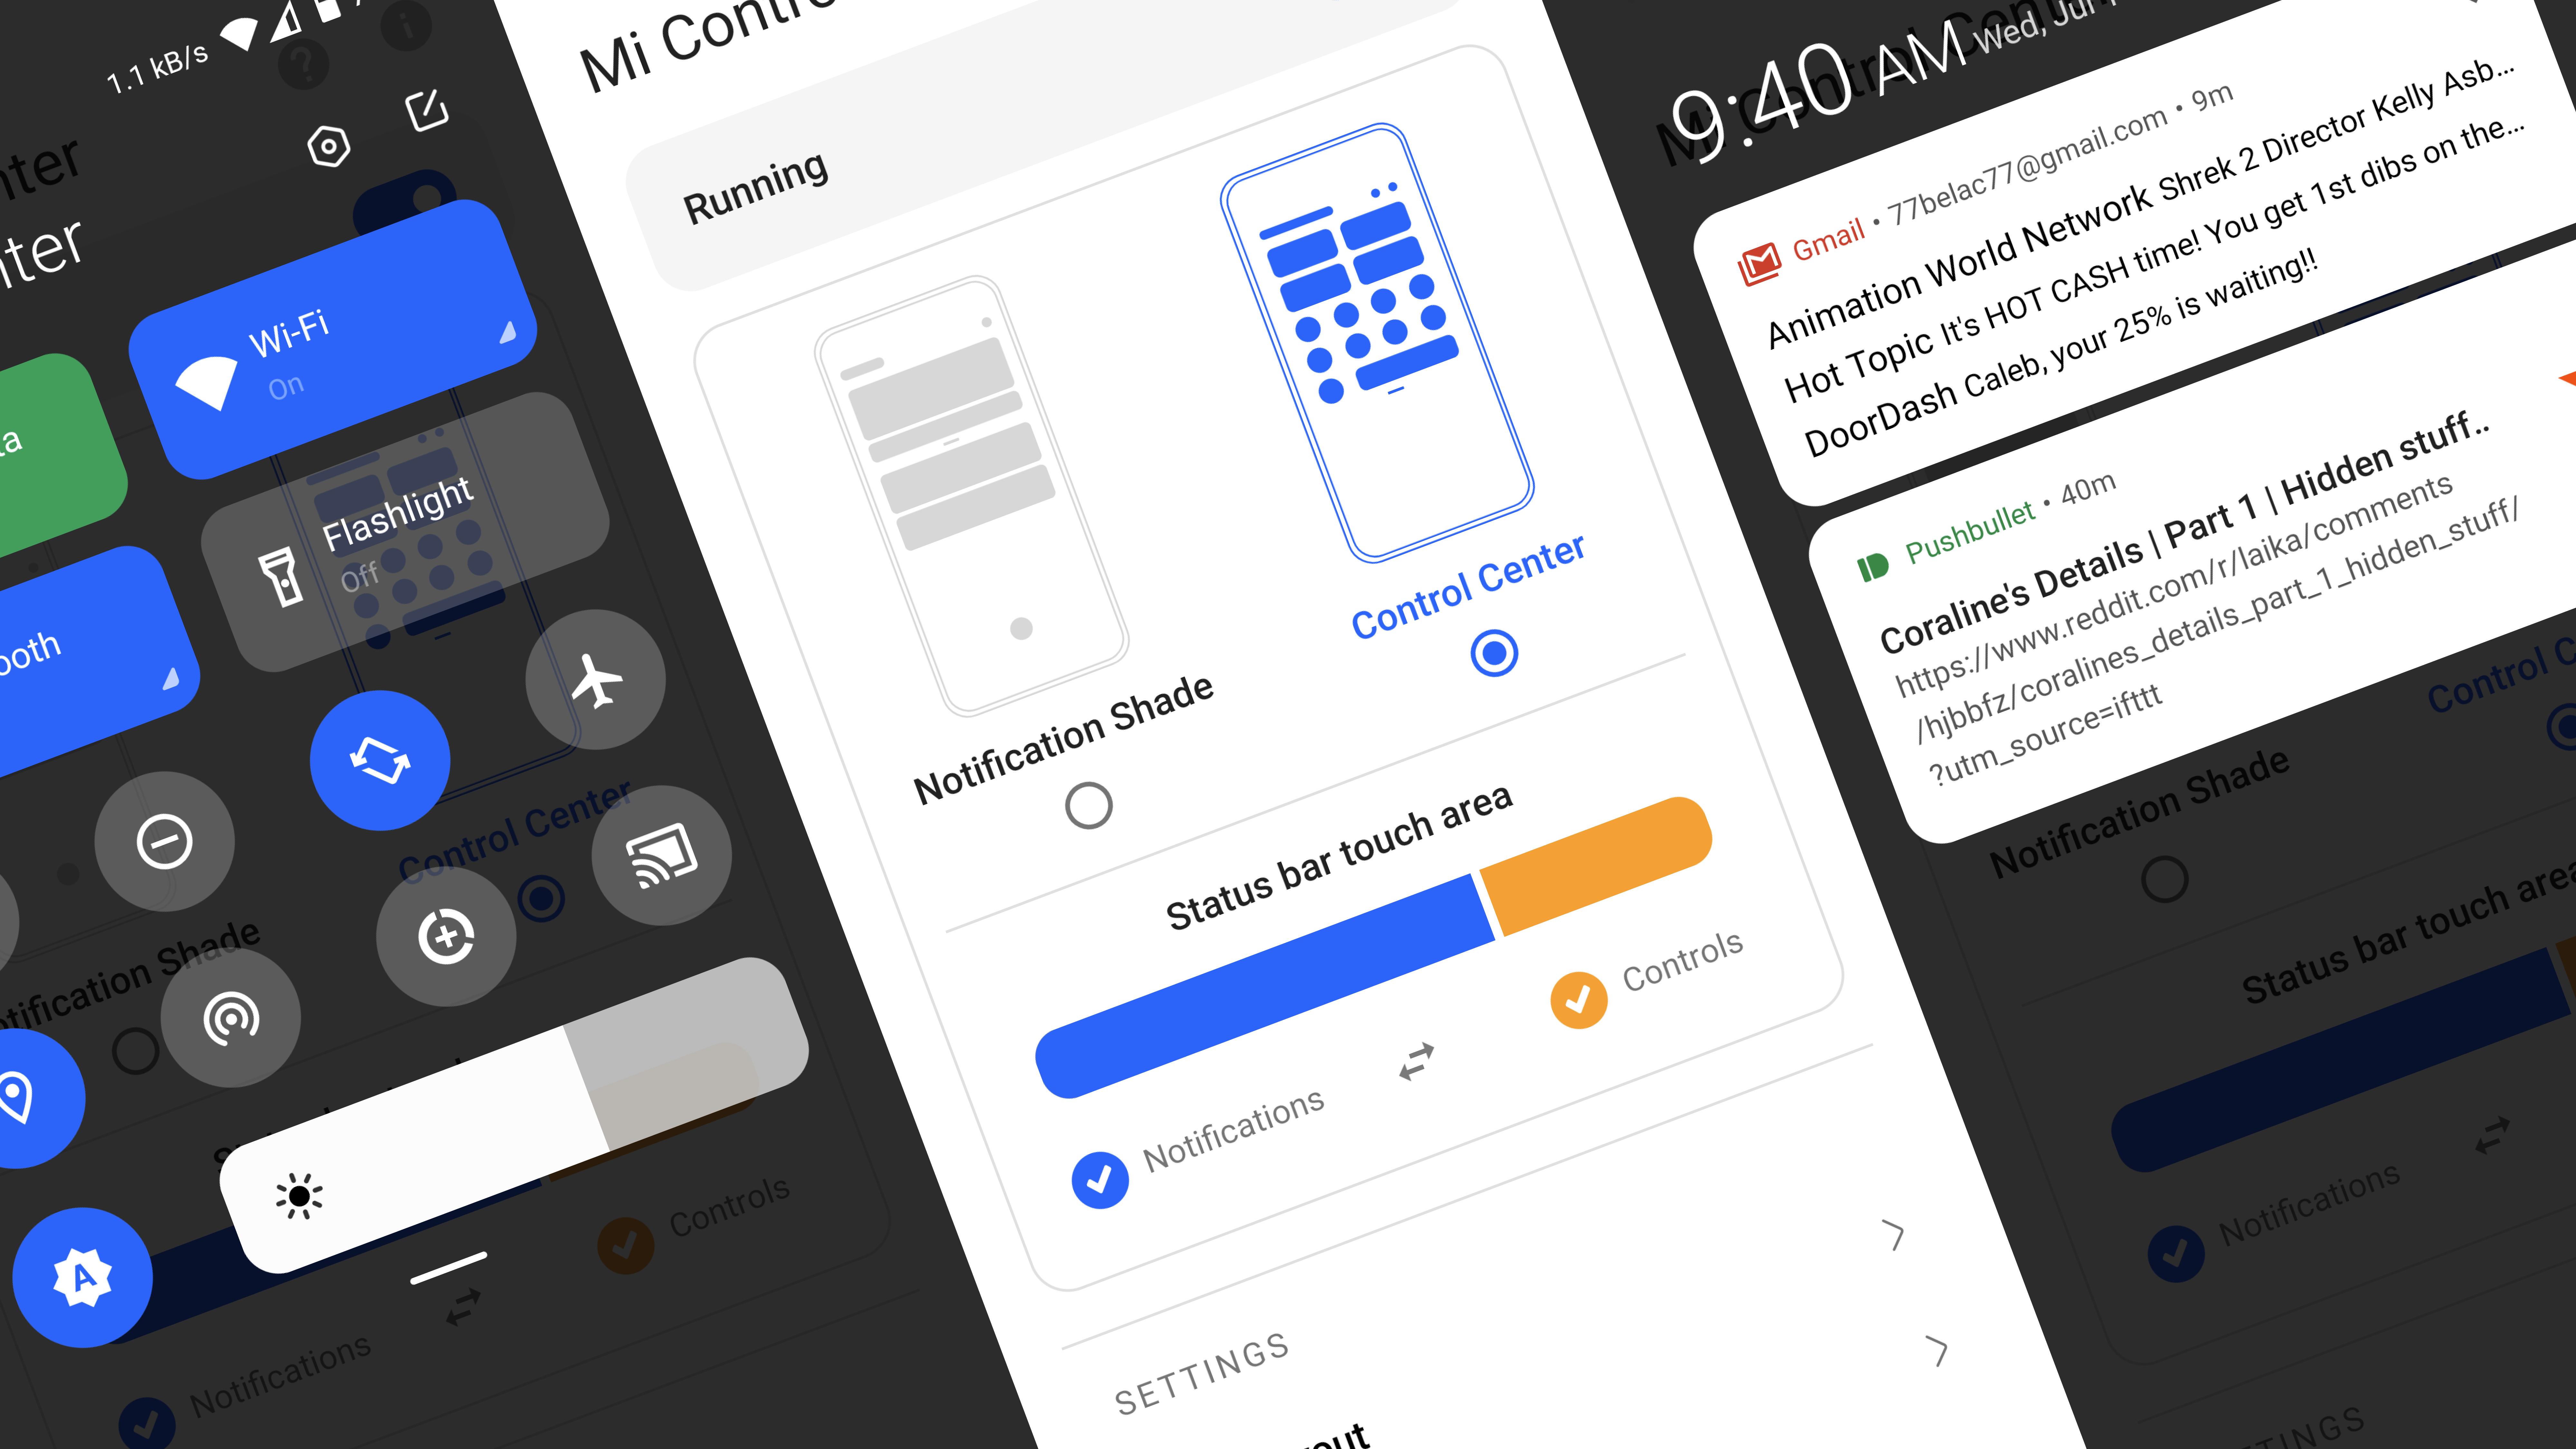 مع هذا التطبيق احصل على تصميم iOS في لوحة الإعدادات السريعة على أندرويد - Mi Control Center